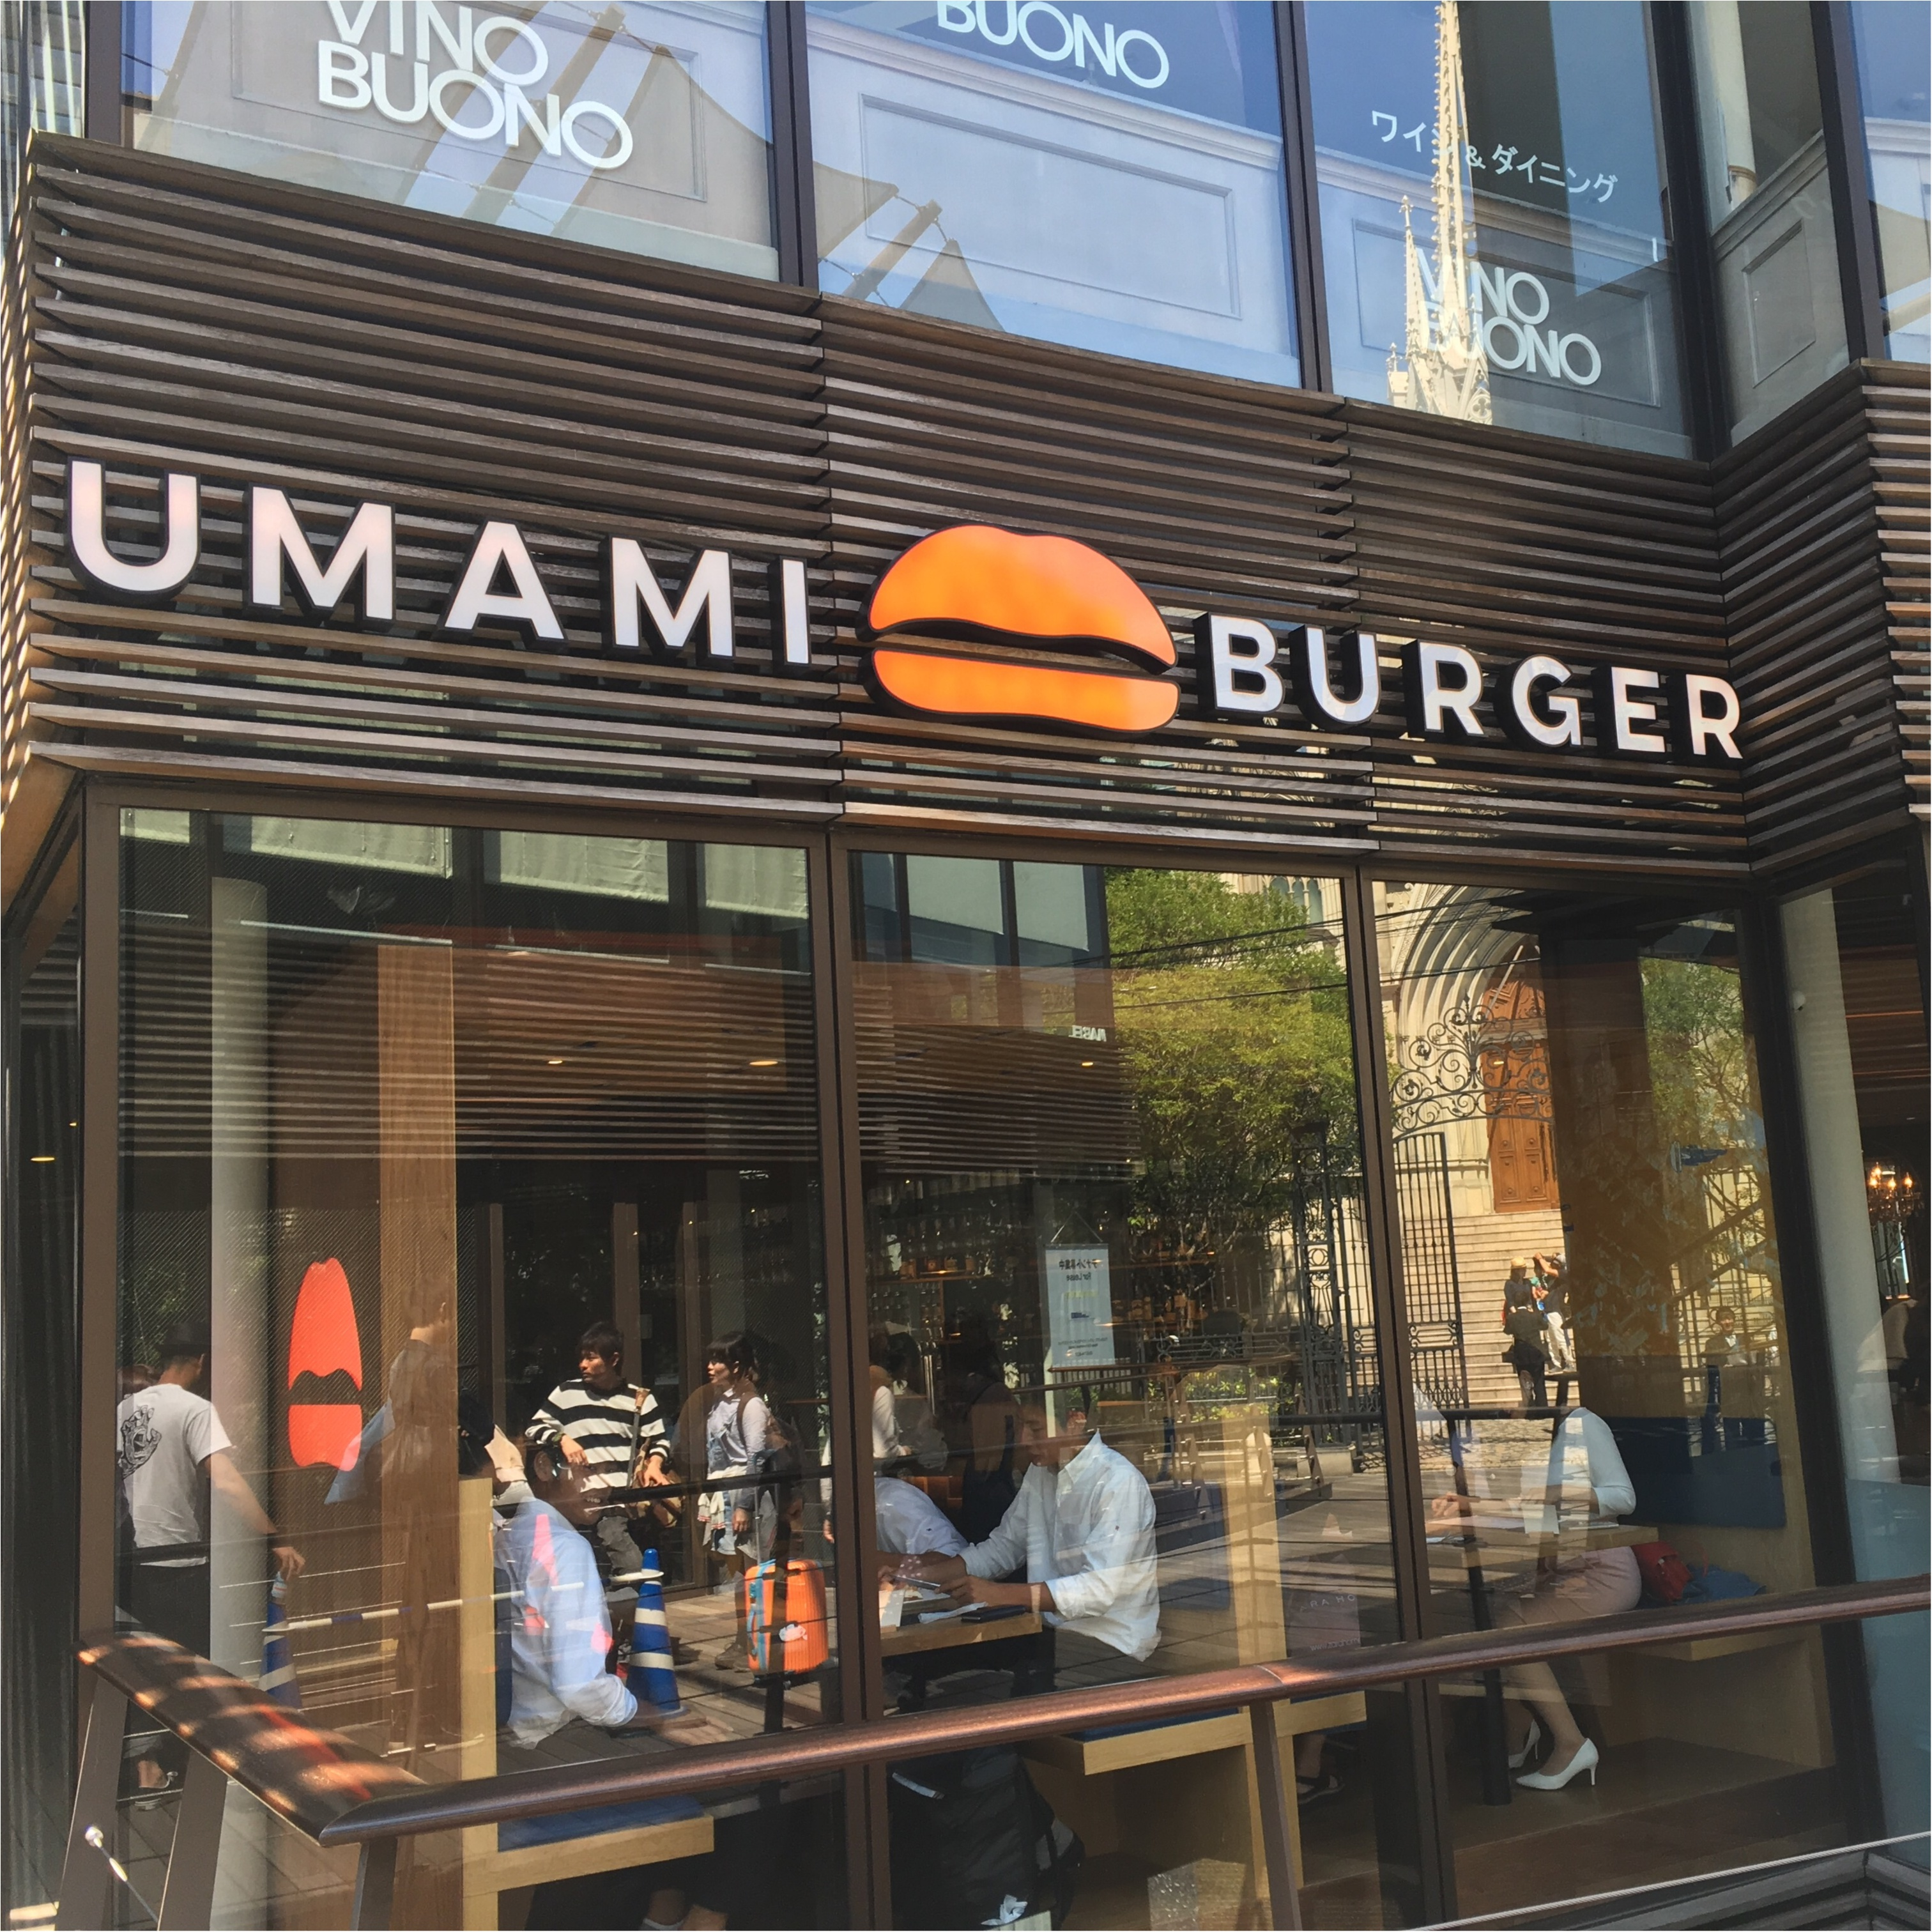 LA発の人気店「UMAMI BURGER」で日本限定の●●●●バーガー食べてきました!!混雑状況は?予約は?テイクアウトは?_1